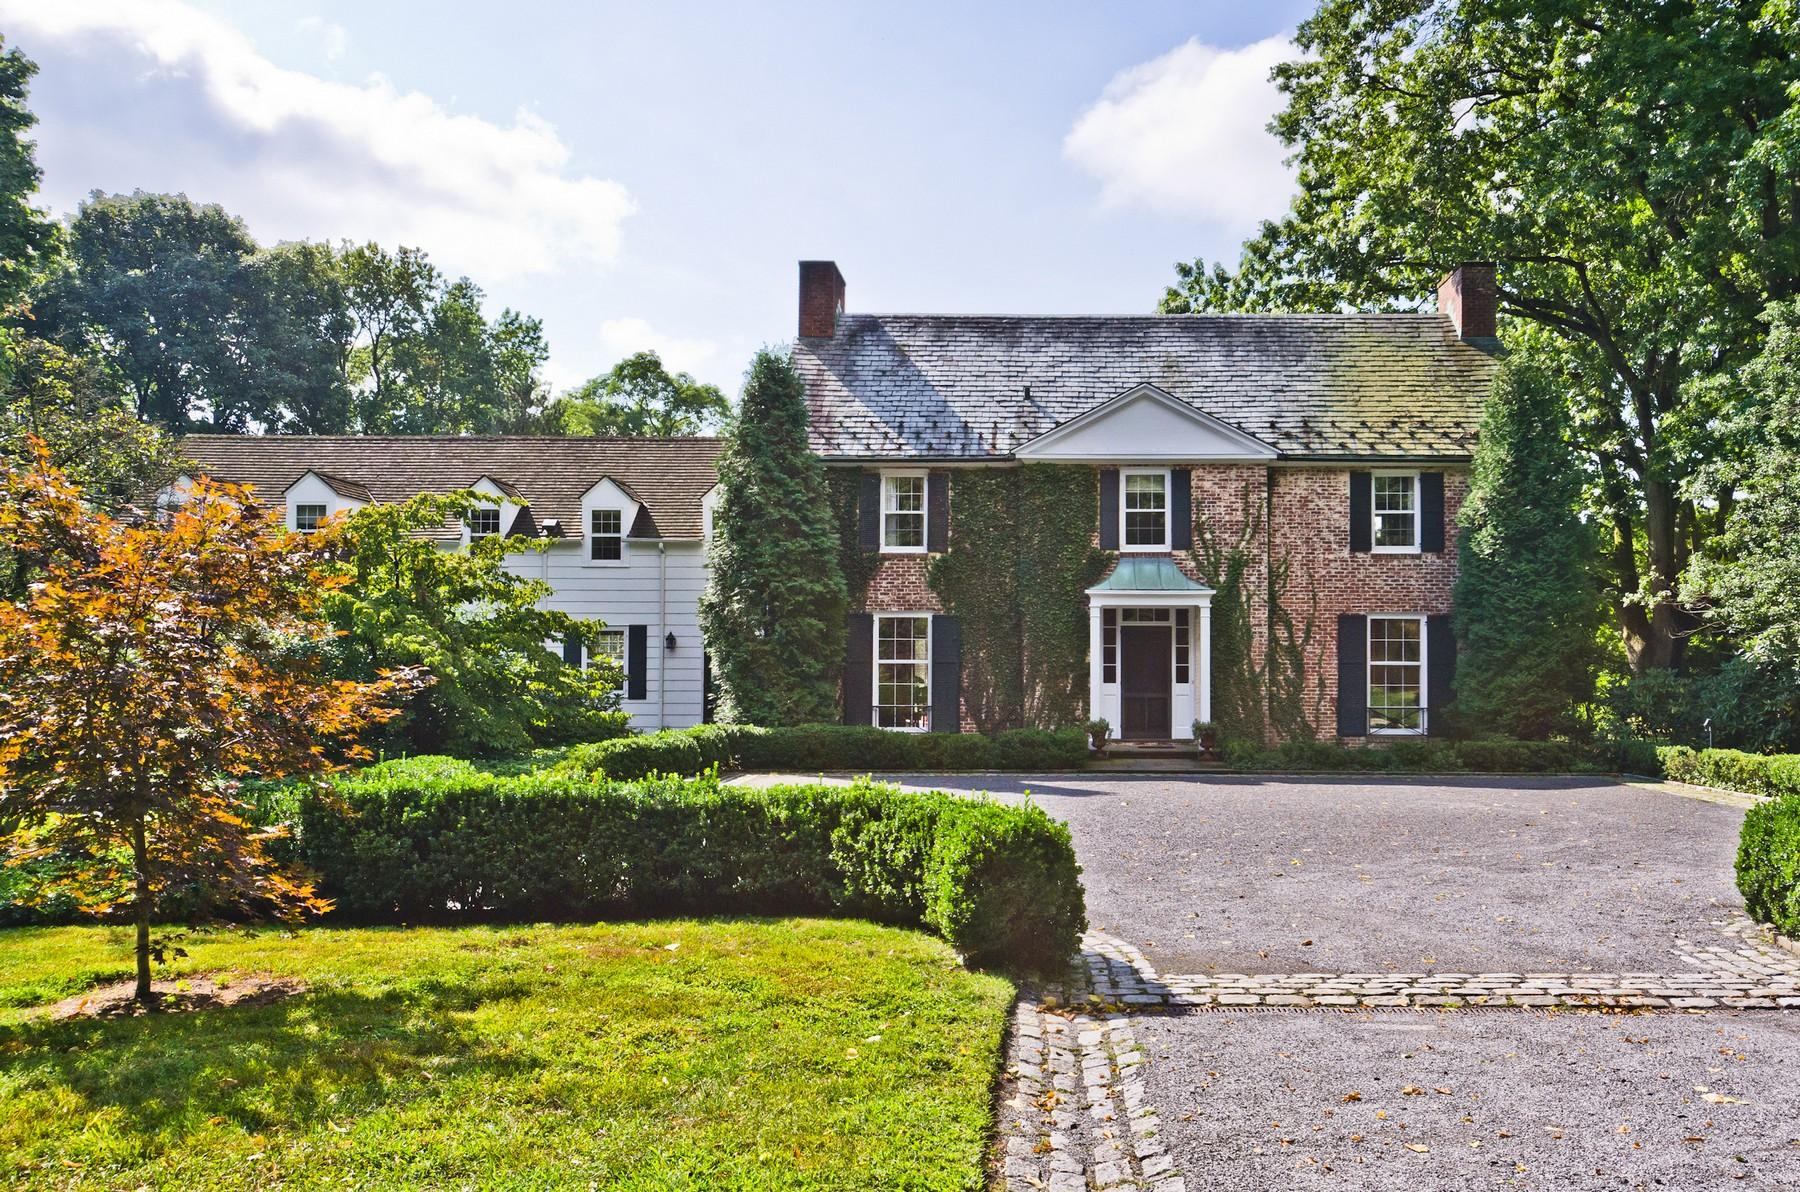 Villa per Vendita alle ore Colonial 201 Centre Island Rd Oyster Bay, New York, 11771 Stati Uniti